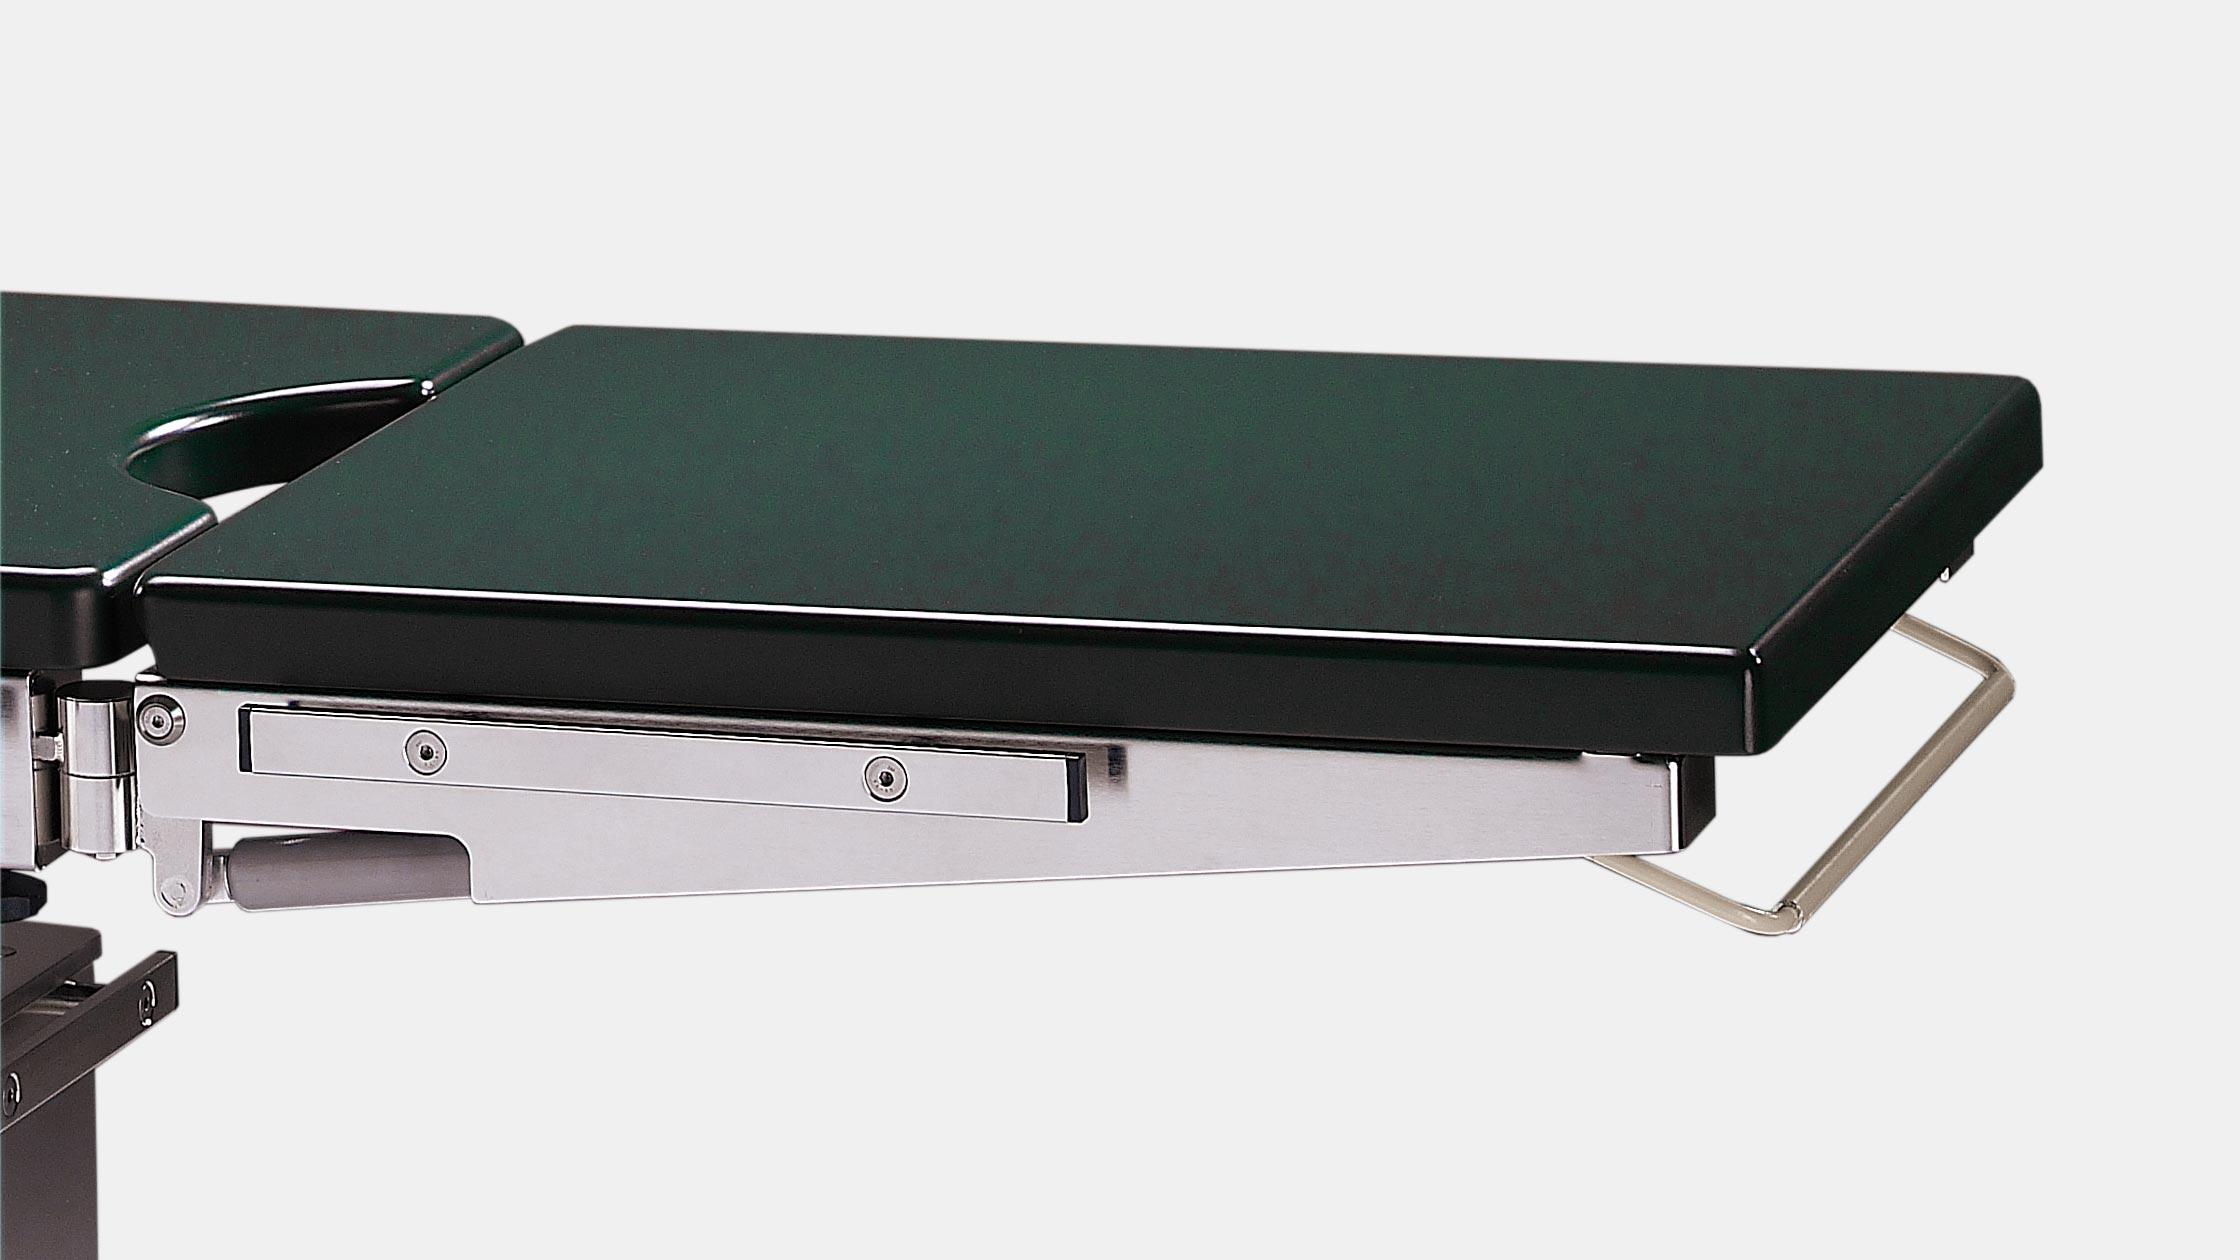 Accesorios para medifa 5000 Basic